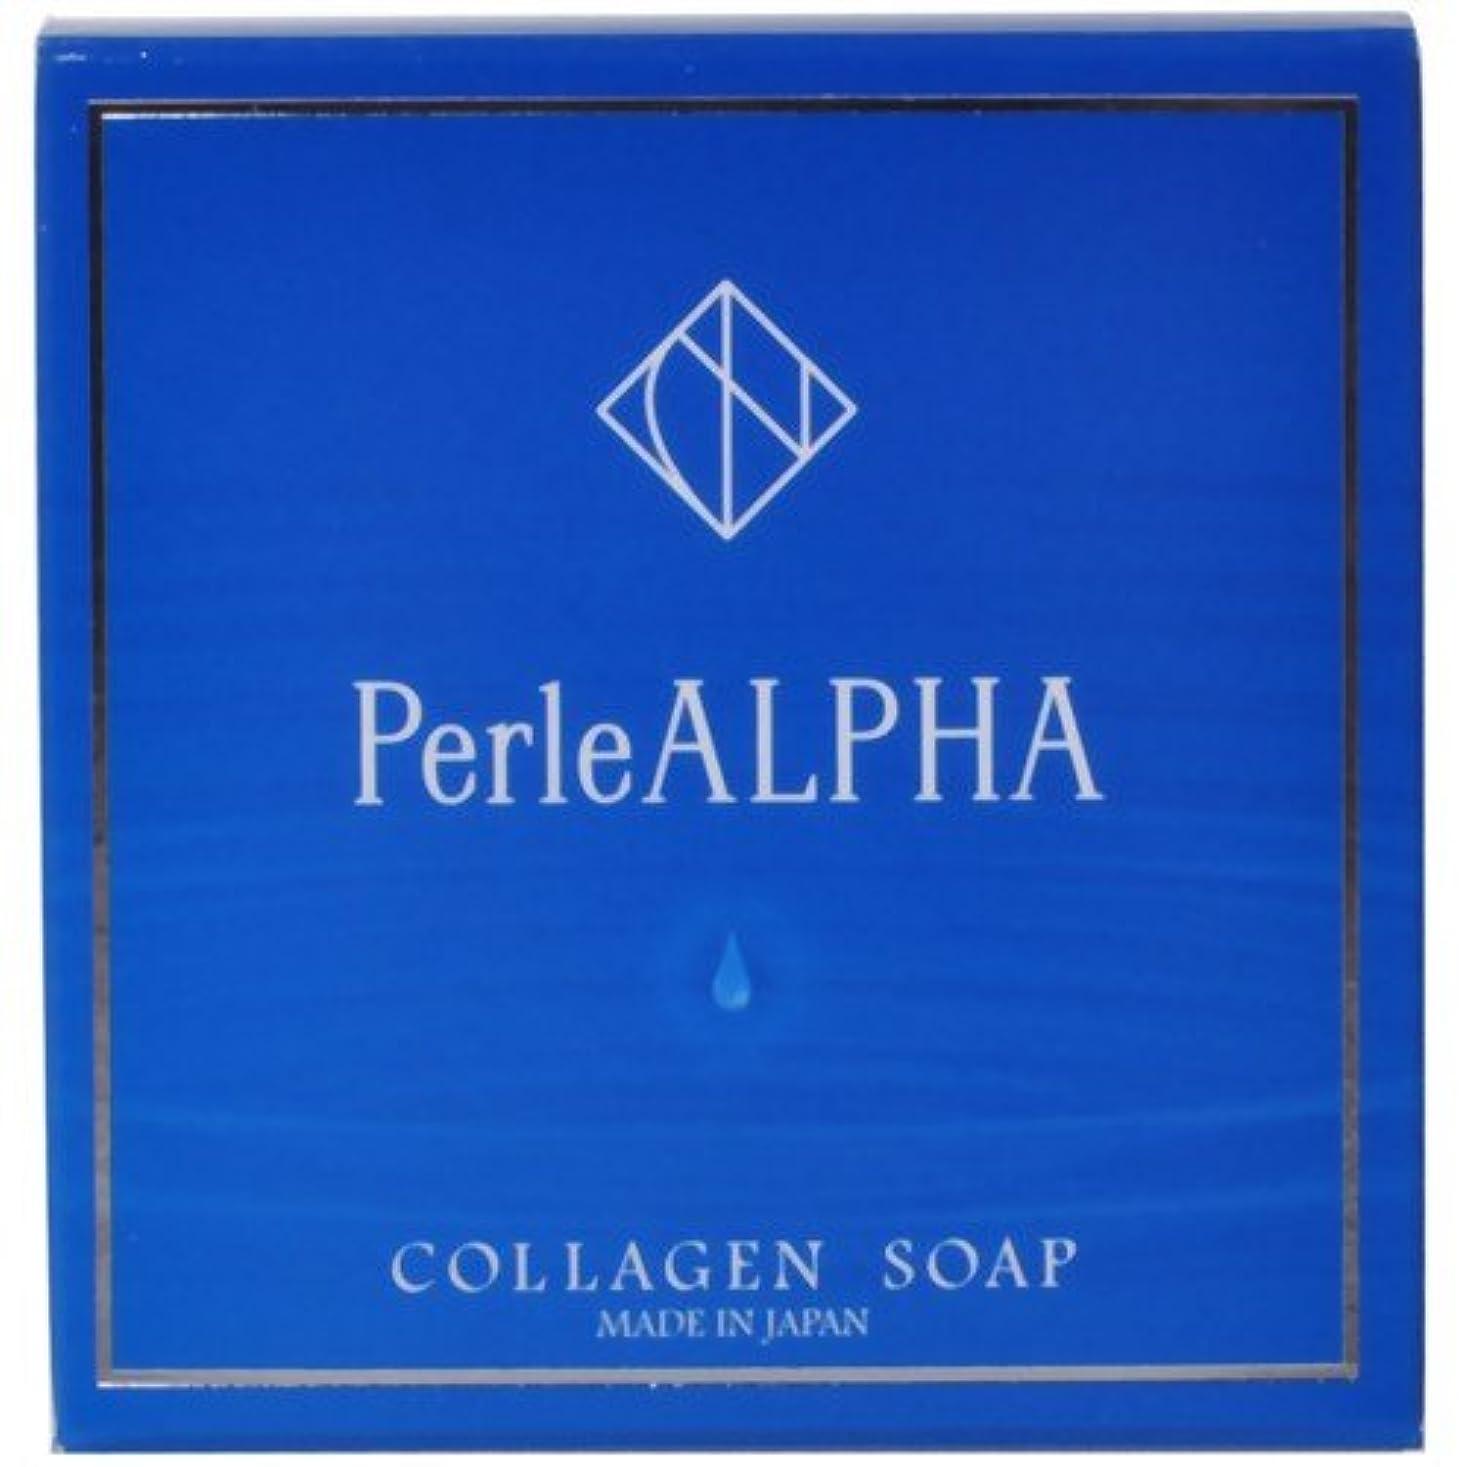 円周立方体盟主PerleALPHA(ペルルアルファ) コラーゲンソープ 100g